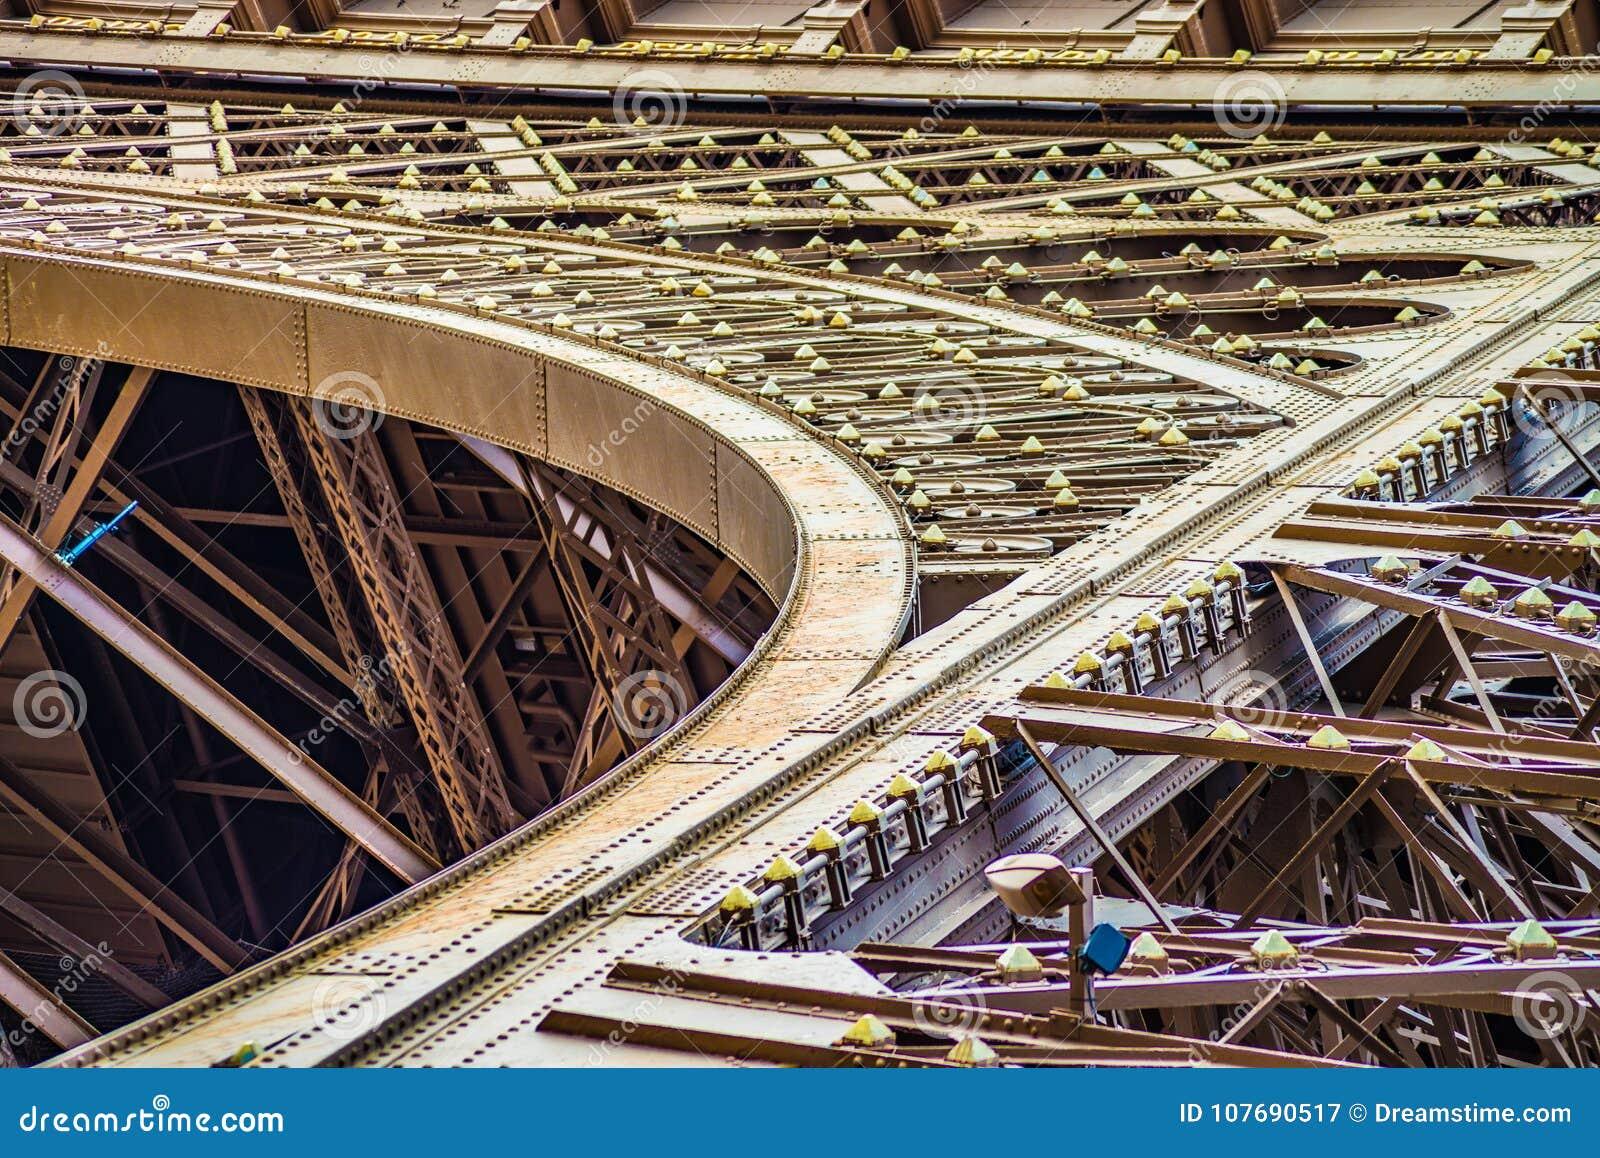 Feche acima do arco e metal fitas da torre de Eifel